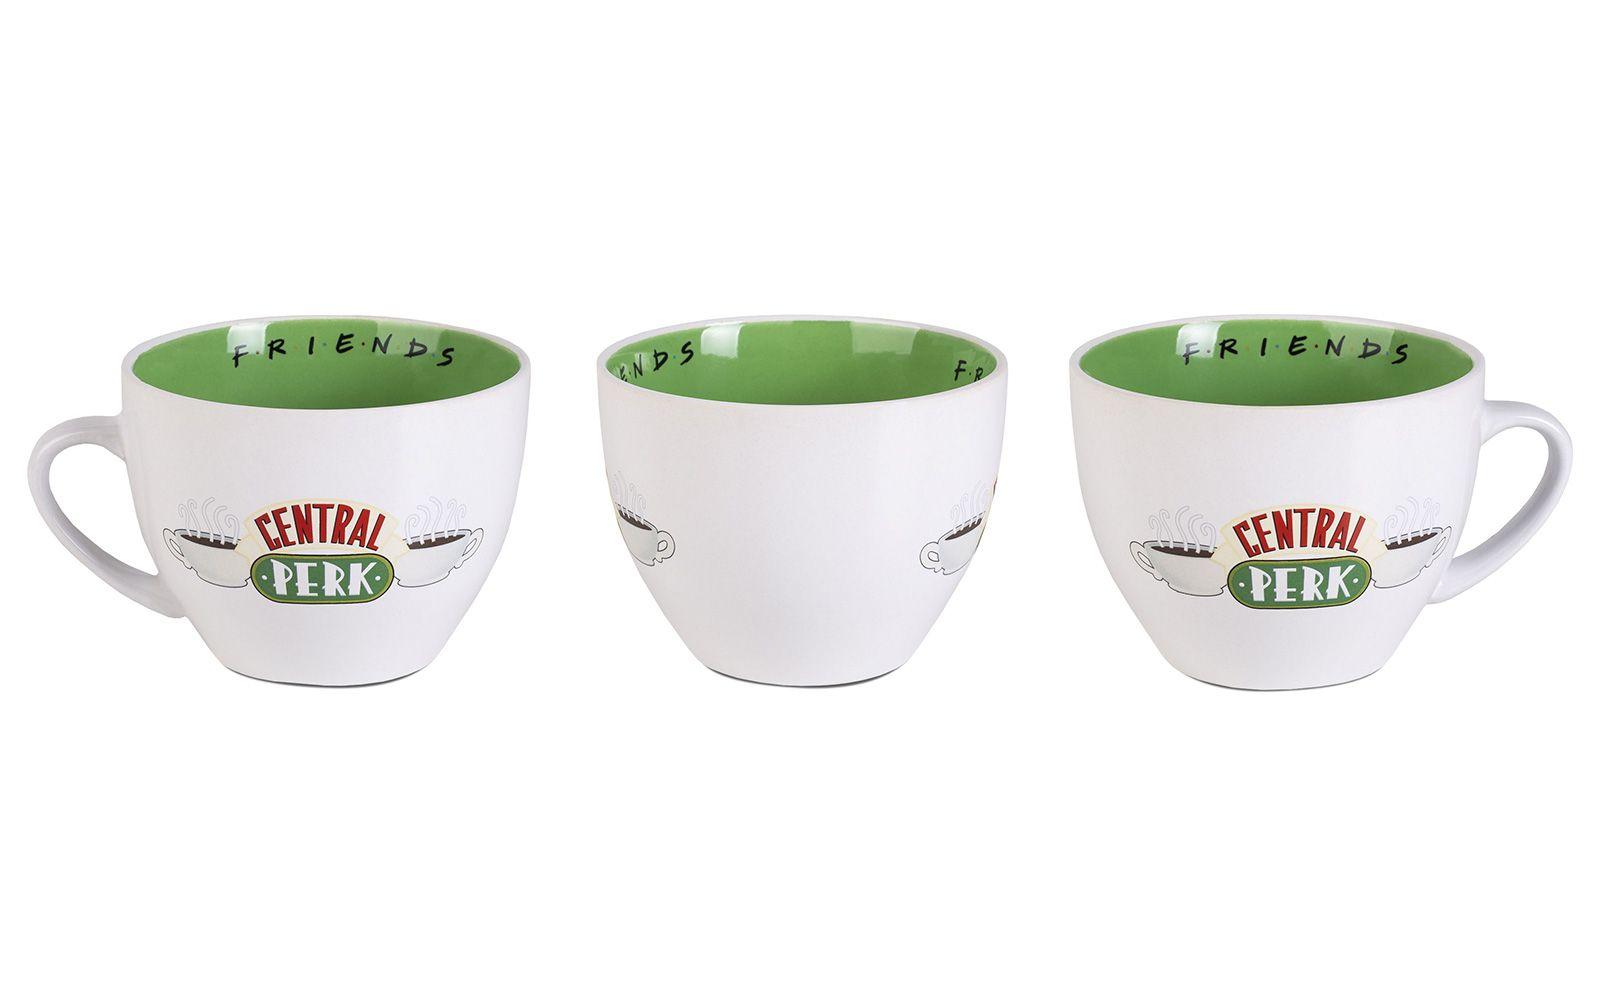 a4cd7c98ac6f Duża filiżanka Friends Central Perk · Porcelanowa filiżanka z serialu  Przyjaciele z logiem kawiarni Central Perk ...